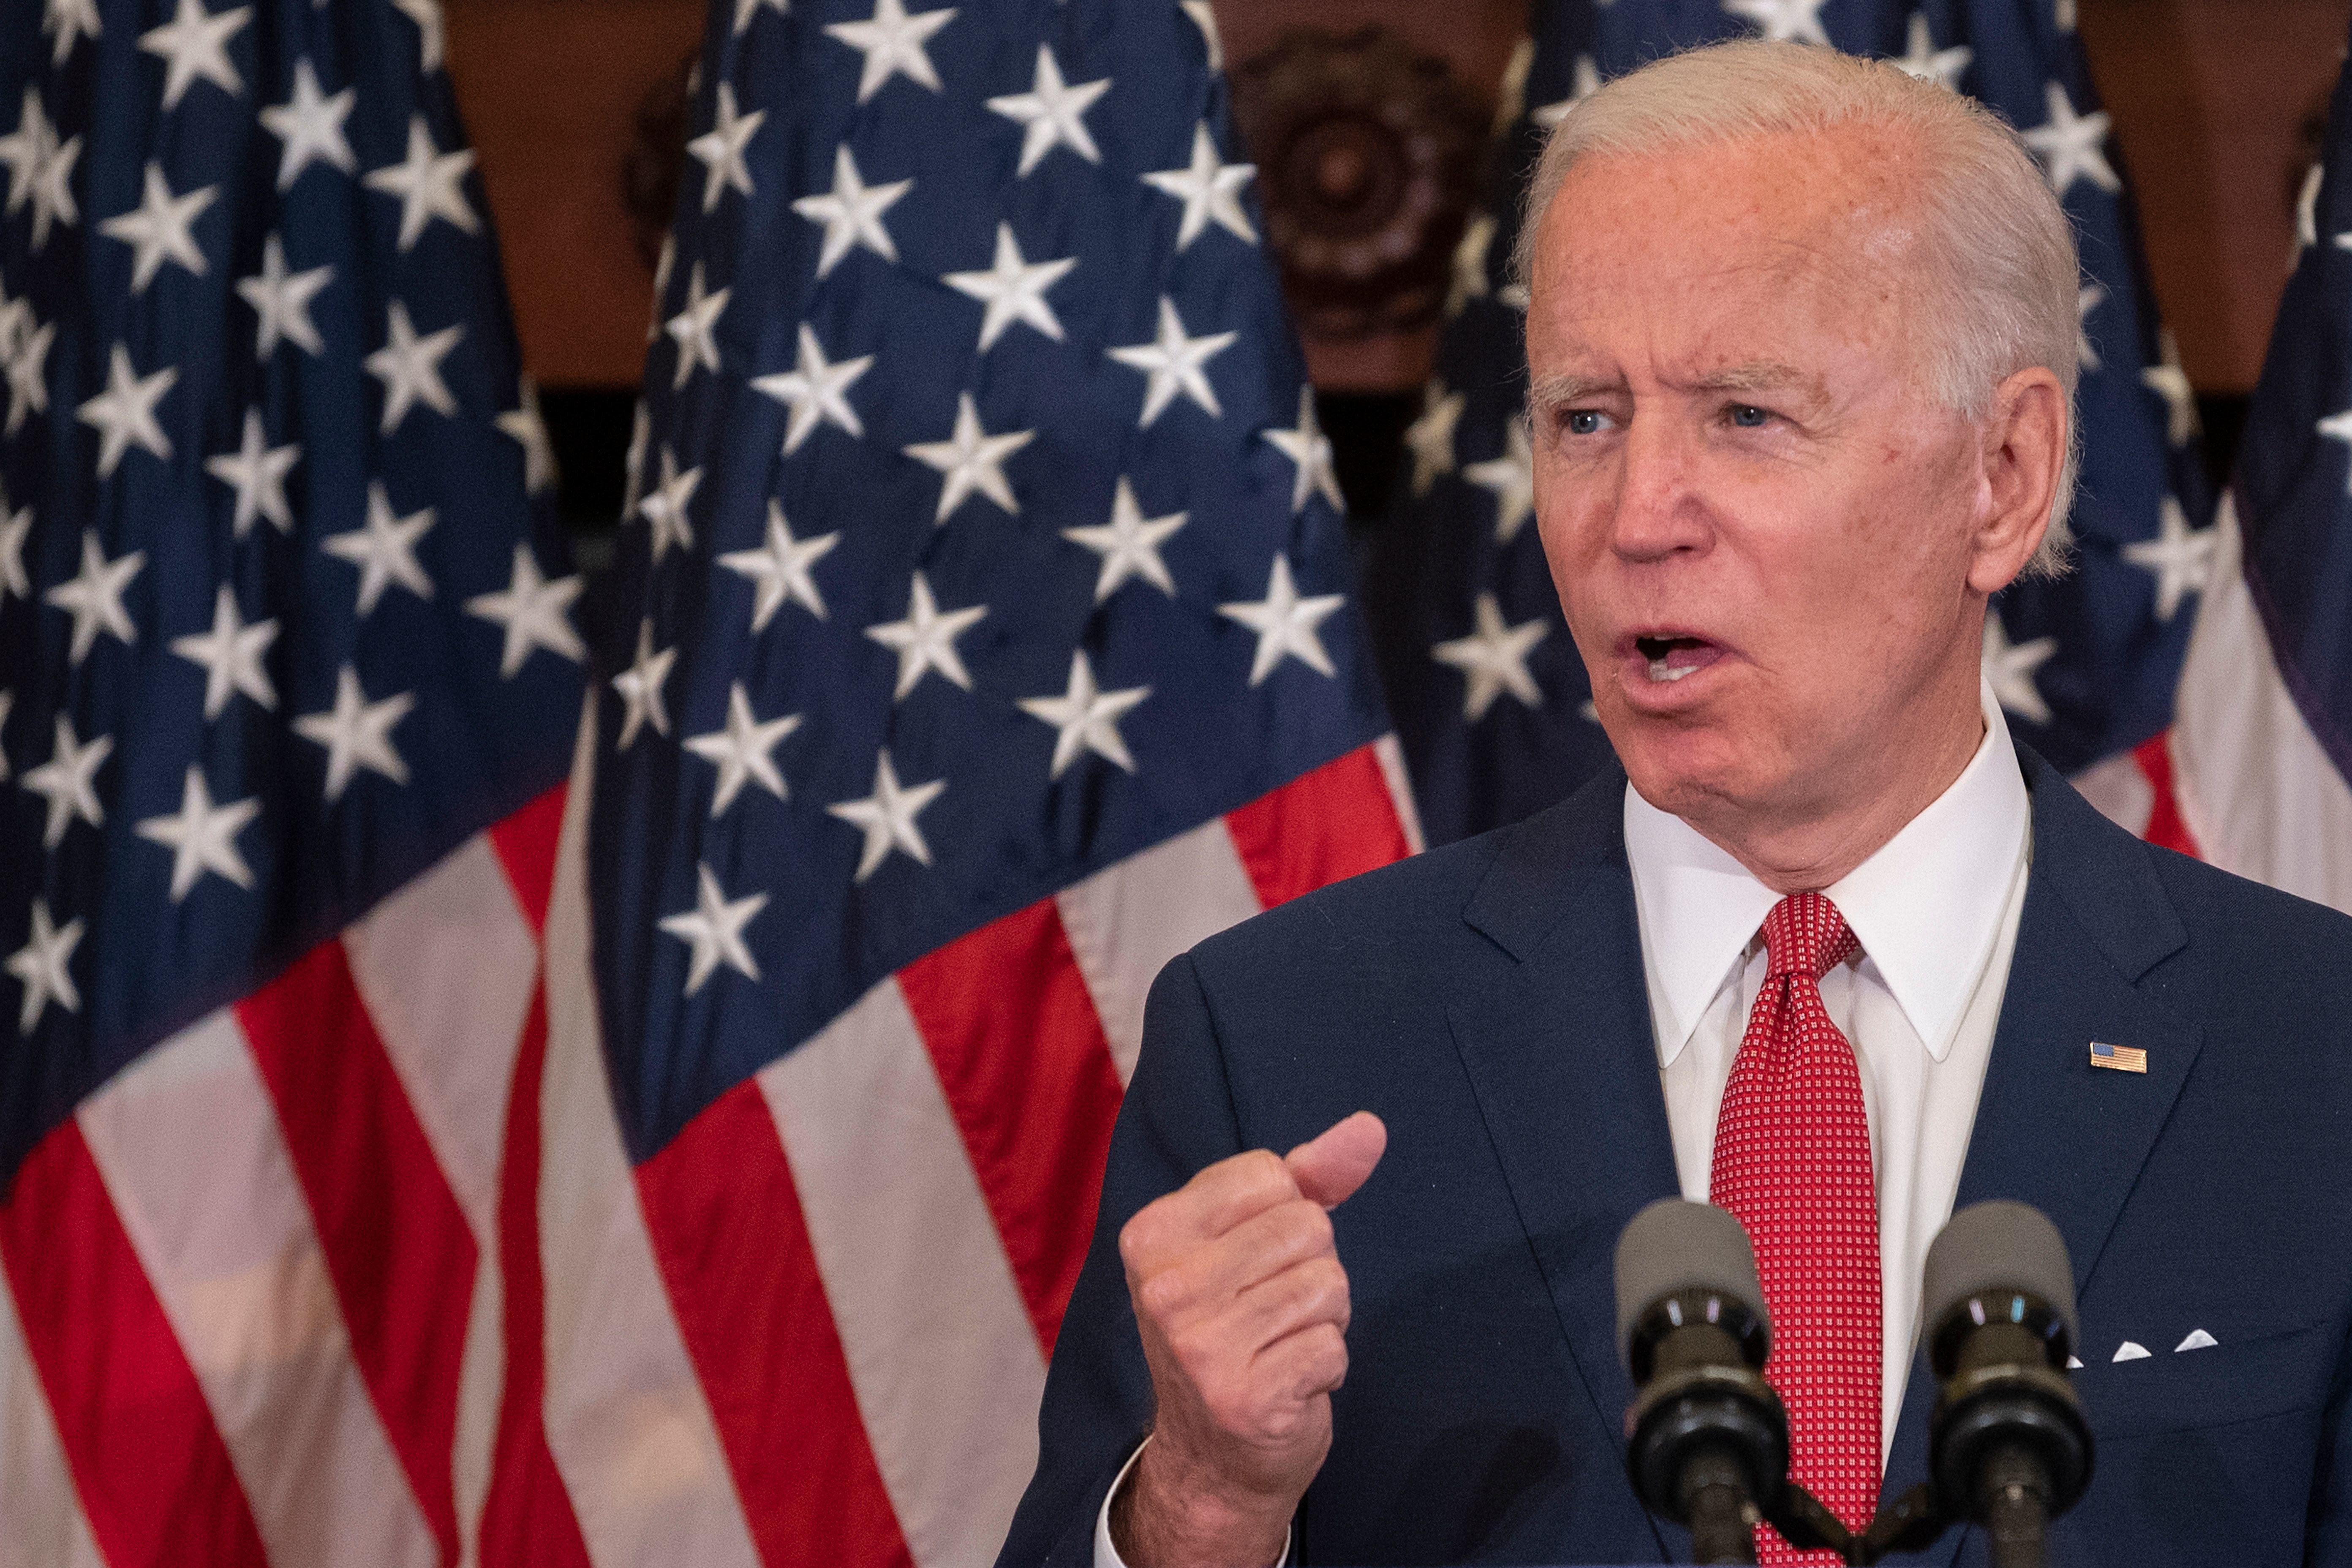 Joe Biden wins New York and Kentucky primaries